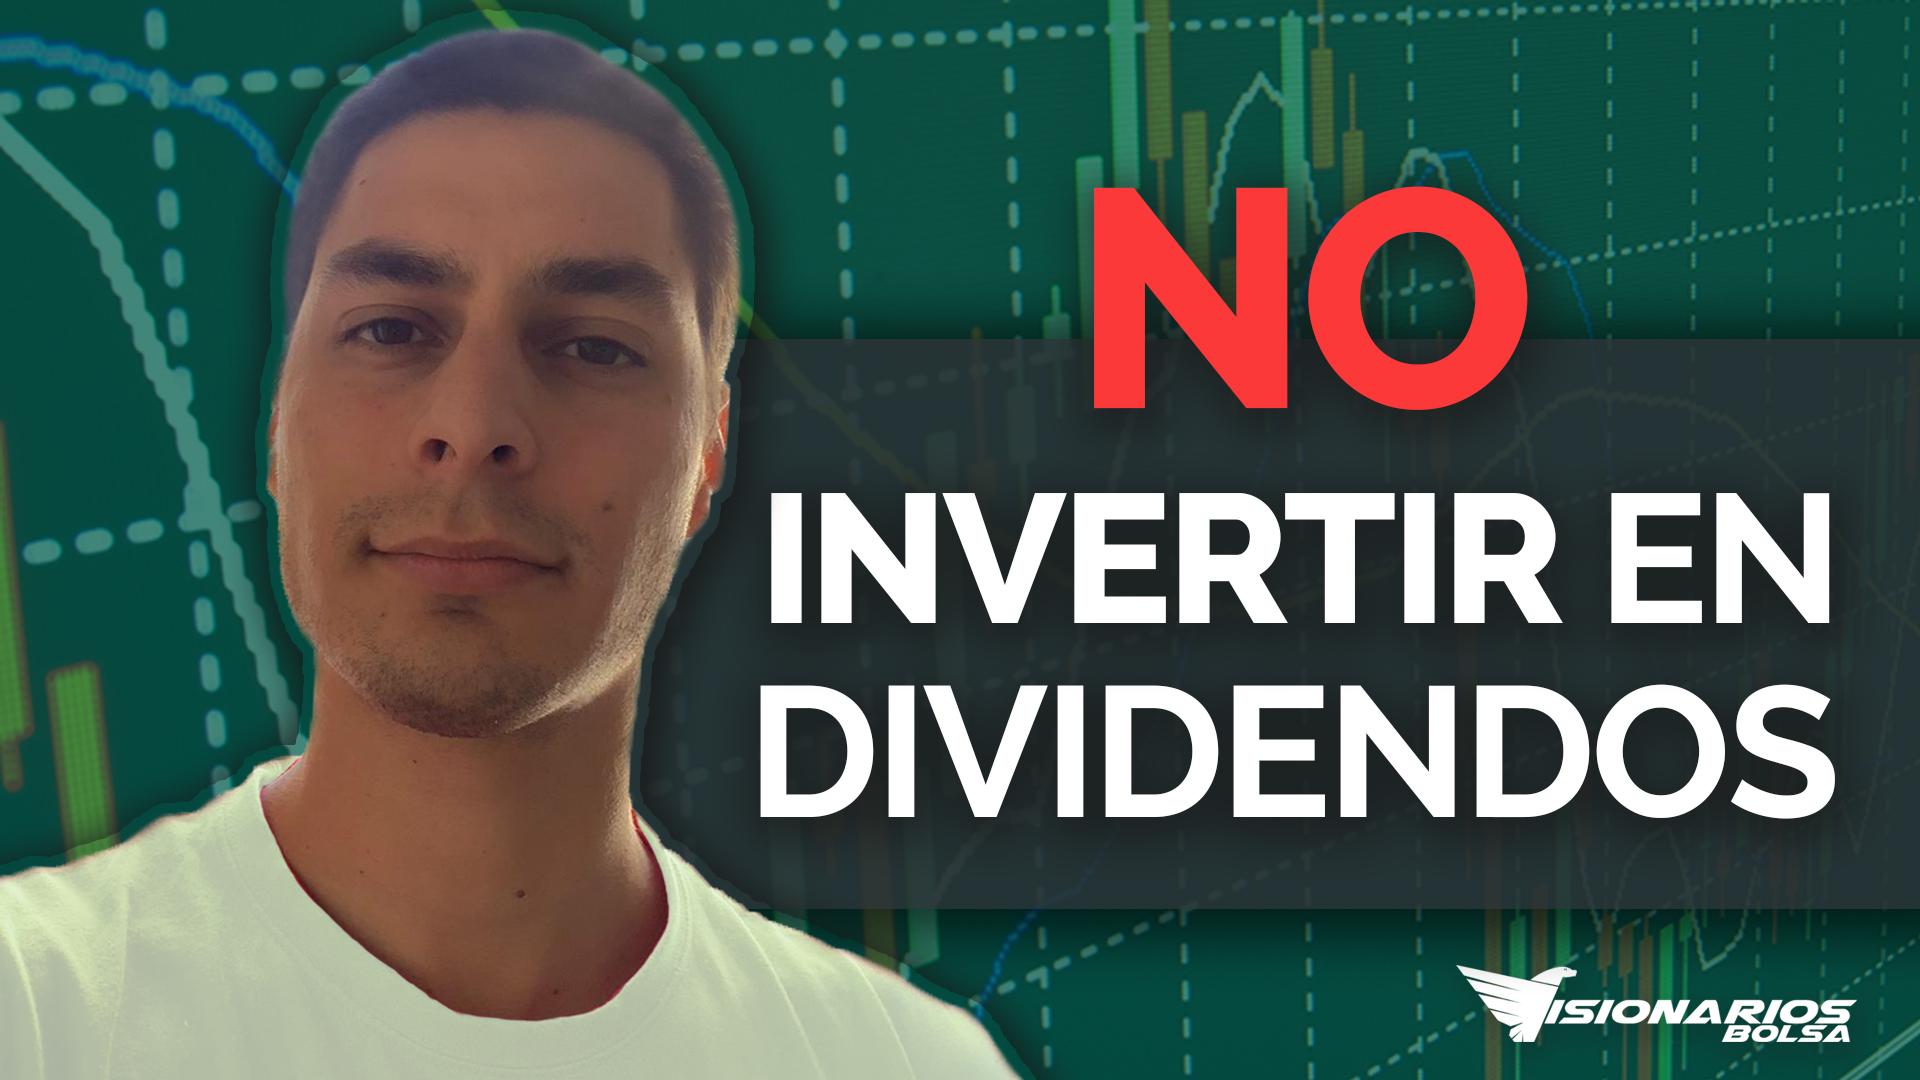 2 Cosas Que NO Sabes Sobre Invertir Por El Dividendo